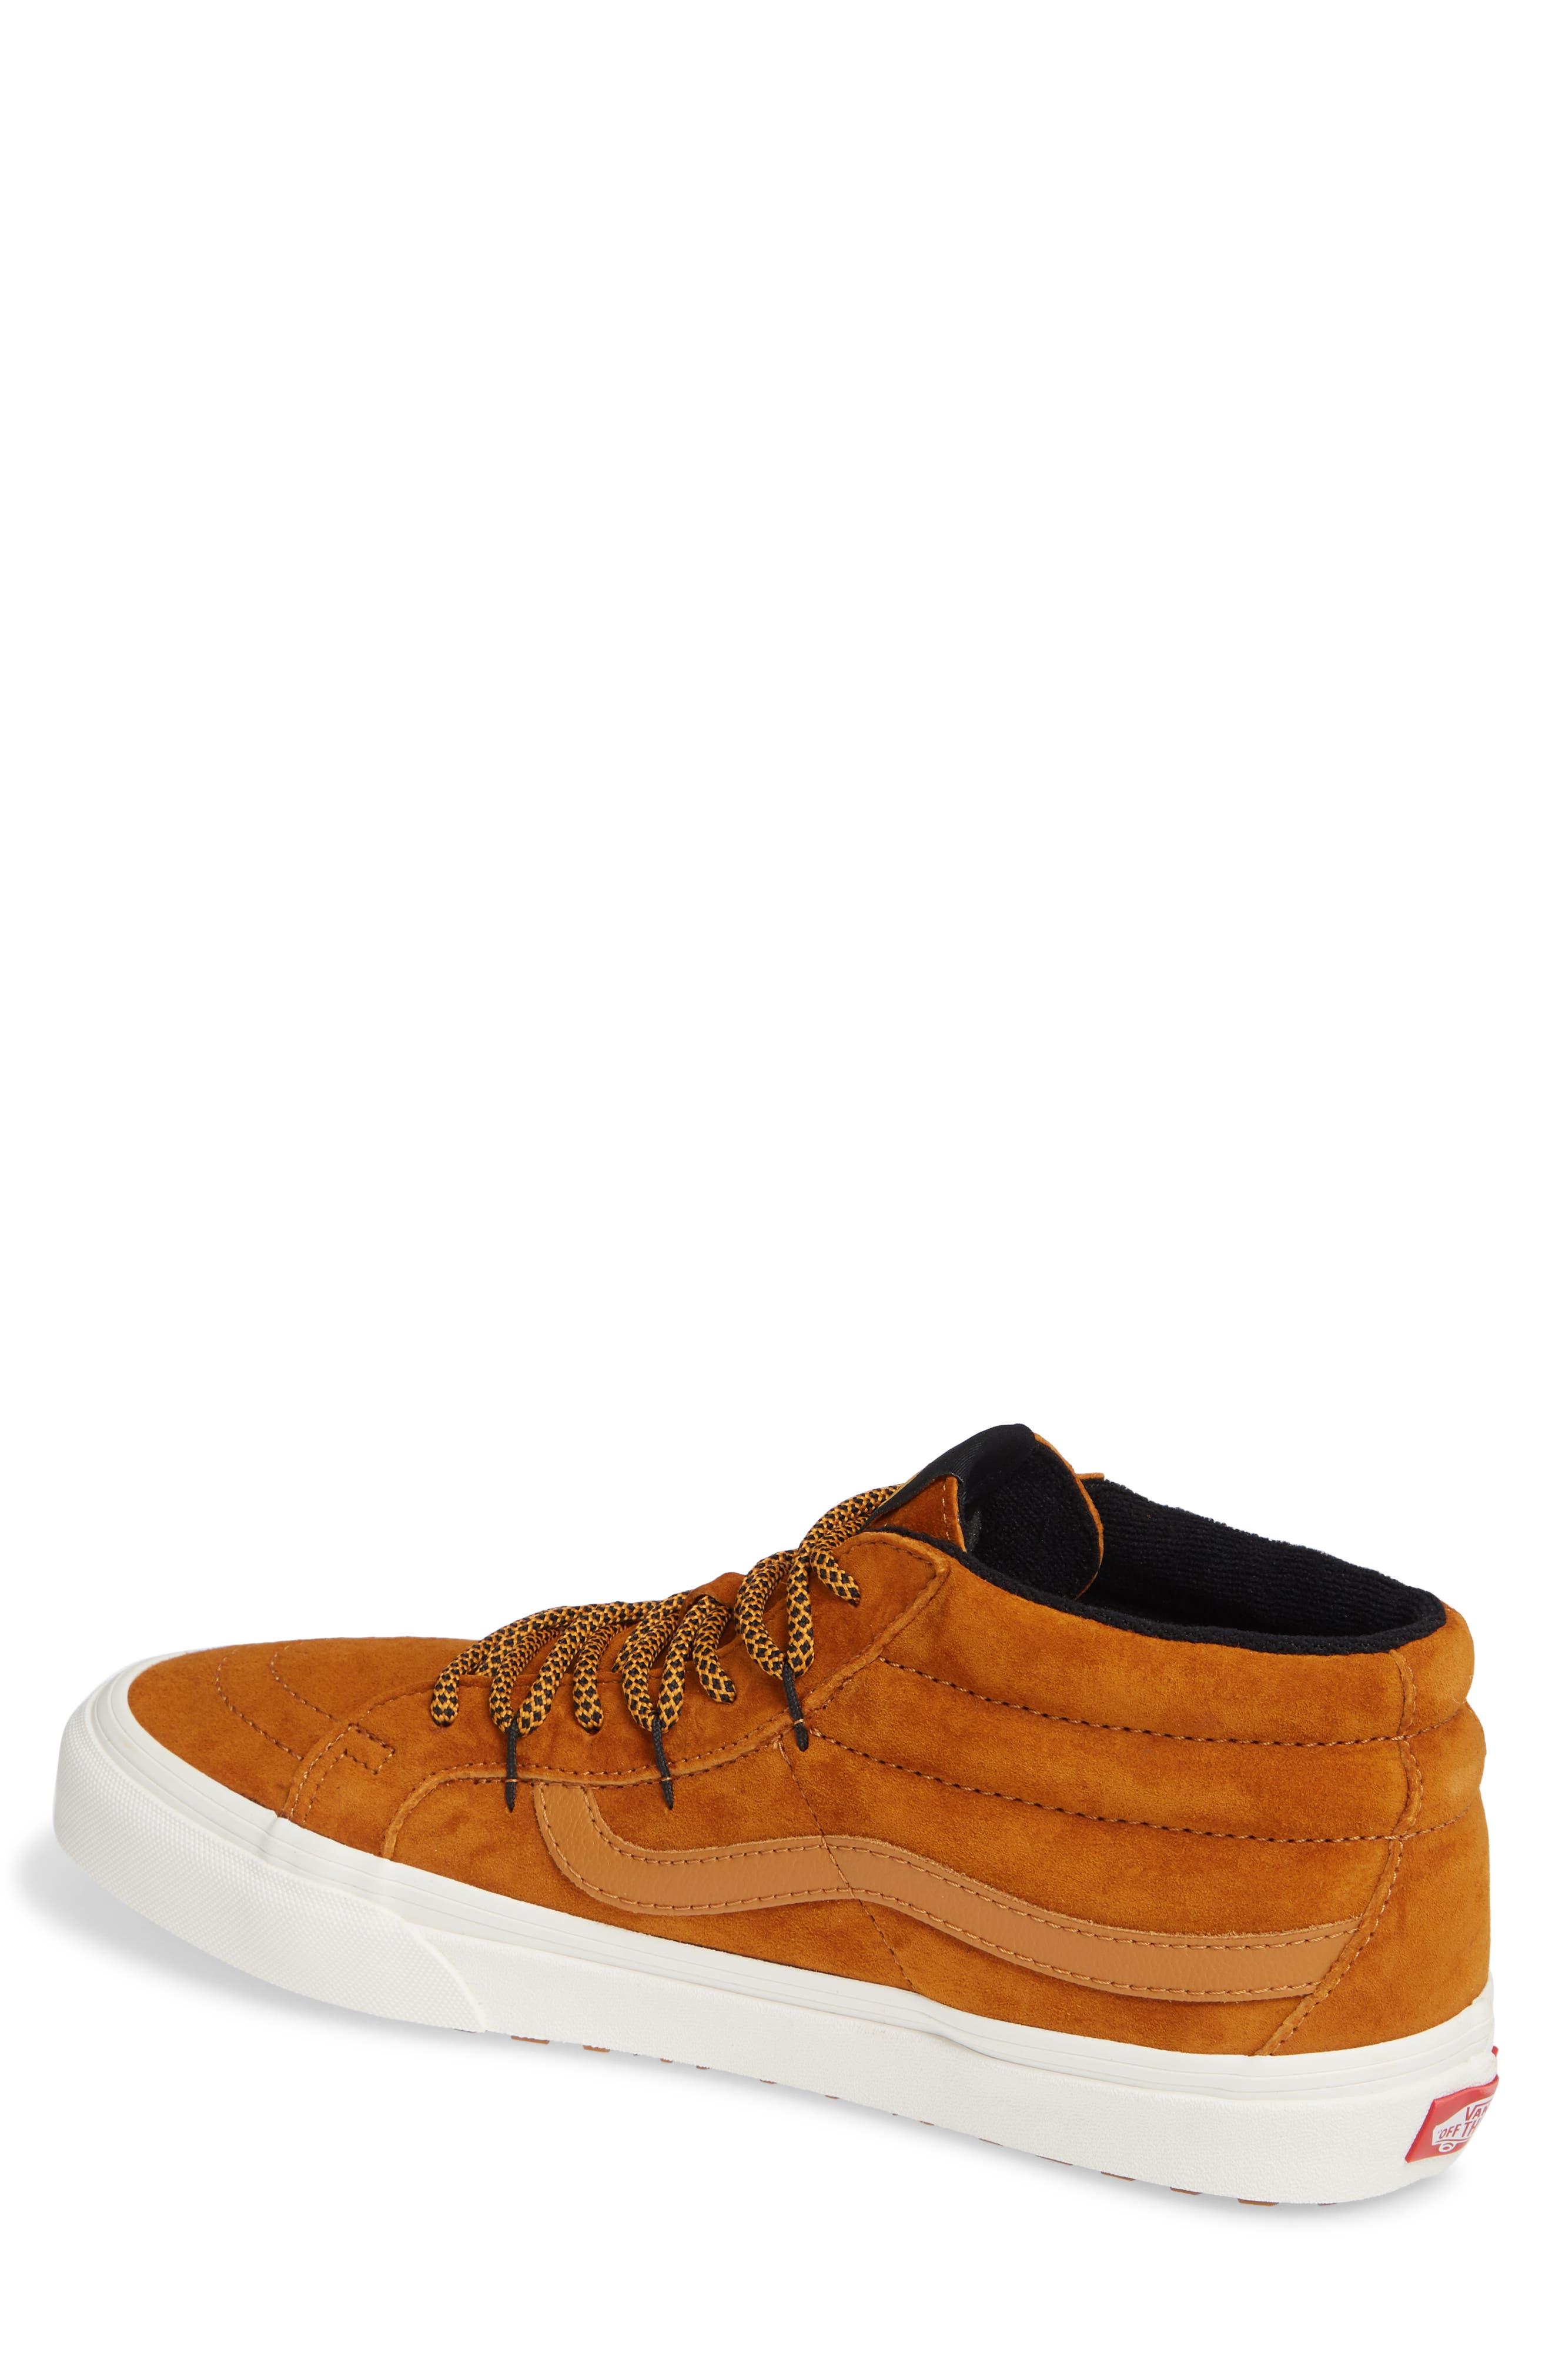 SK8-Hi Mid Reissue Ghillie MTE Sneaker,                             Alternate thumbnail 2, color,                             BROWN/ MARSHMALLOW